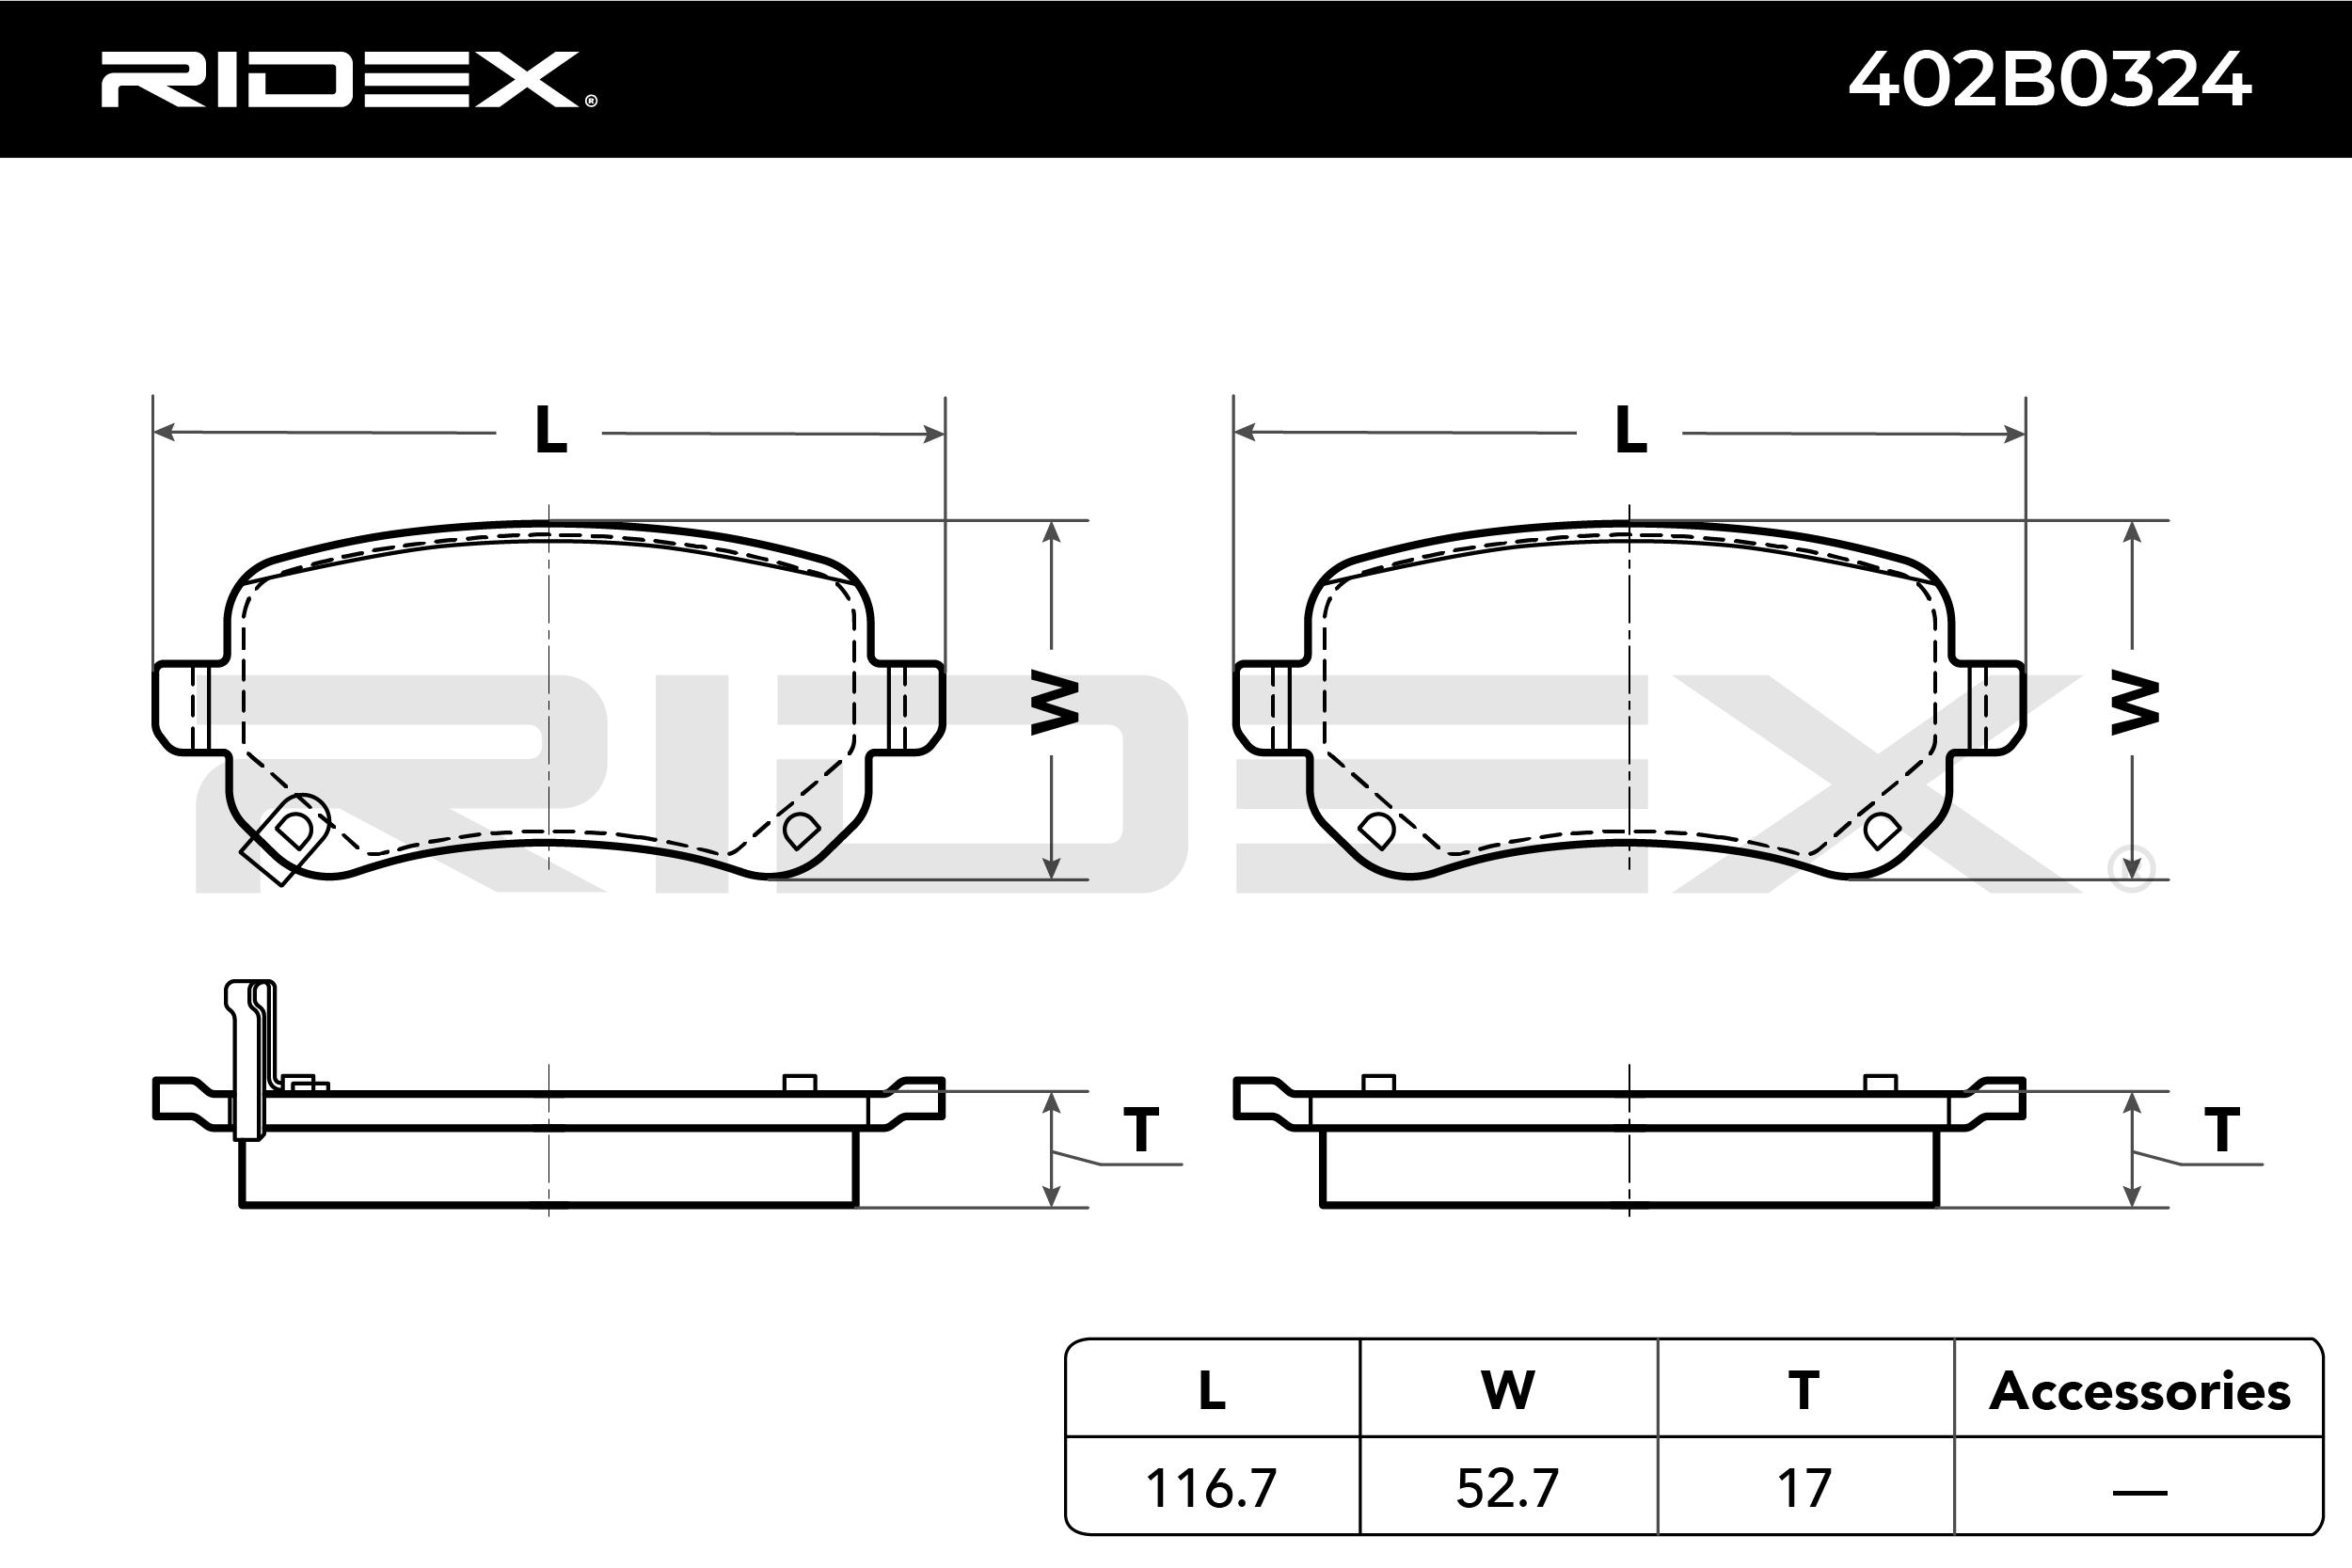 402B0324 Bremsbeläge RIDEX 402B0324 - Große Auswahl - stark reduziert